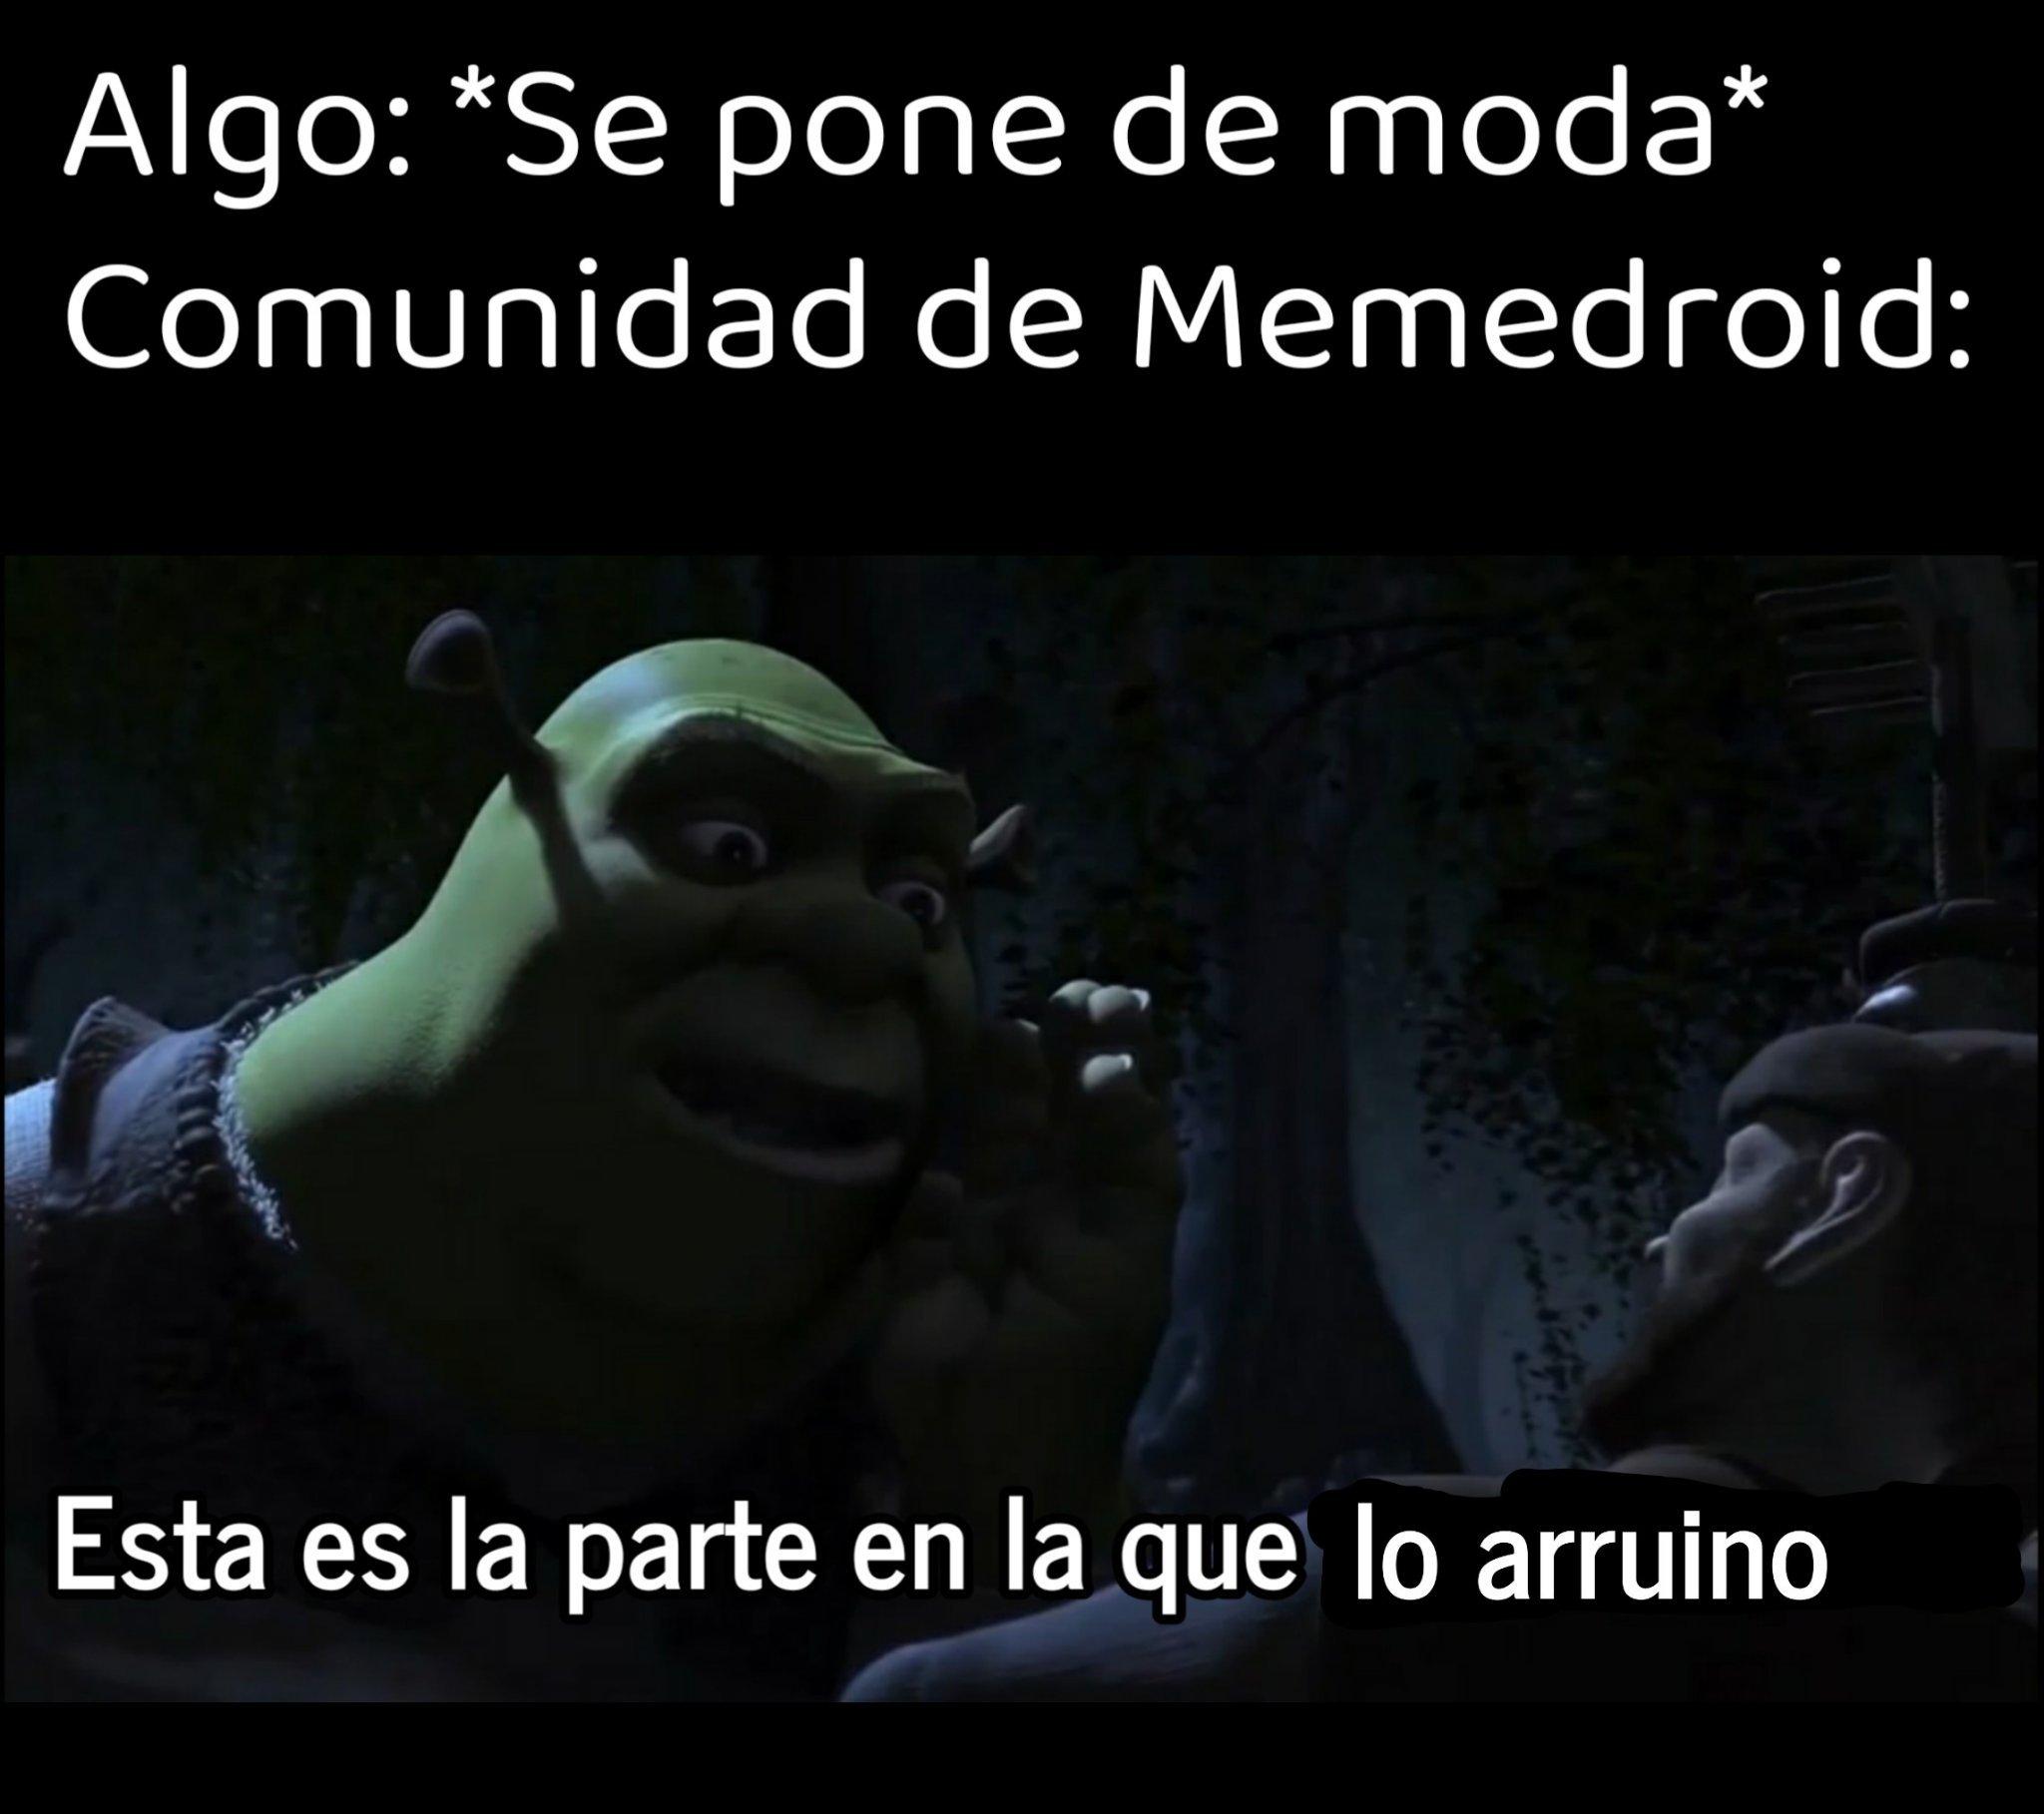 Meme de Marcelo, Paraguay no existe, frases de coscu, el uso del término Don Comedia, memes del profesor diciendo una mala palabra, memes de Peruanos, Jojo's, etc. etc. etc....